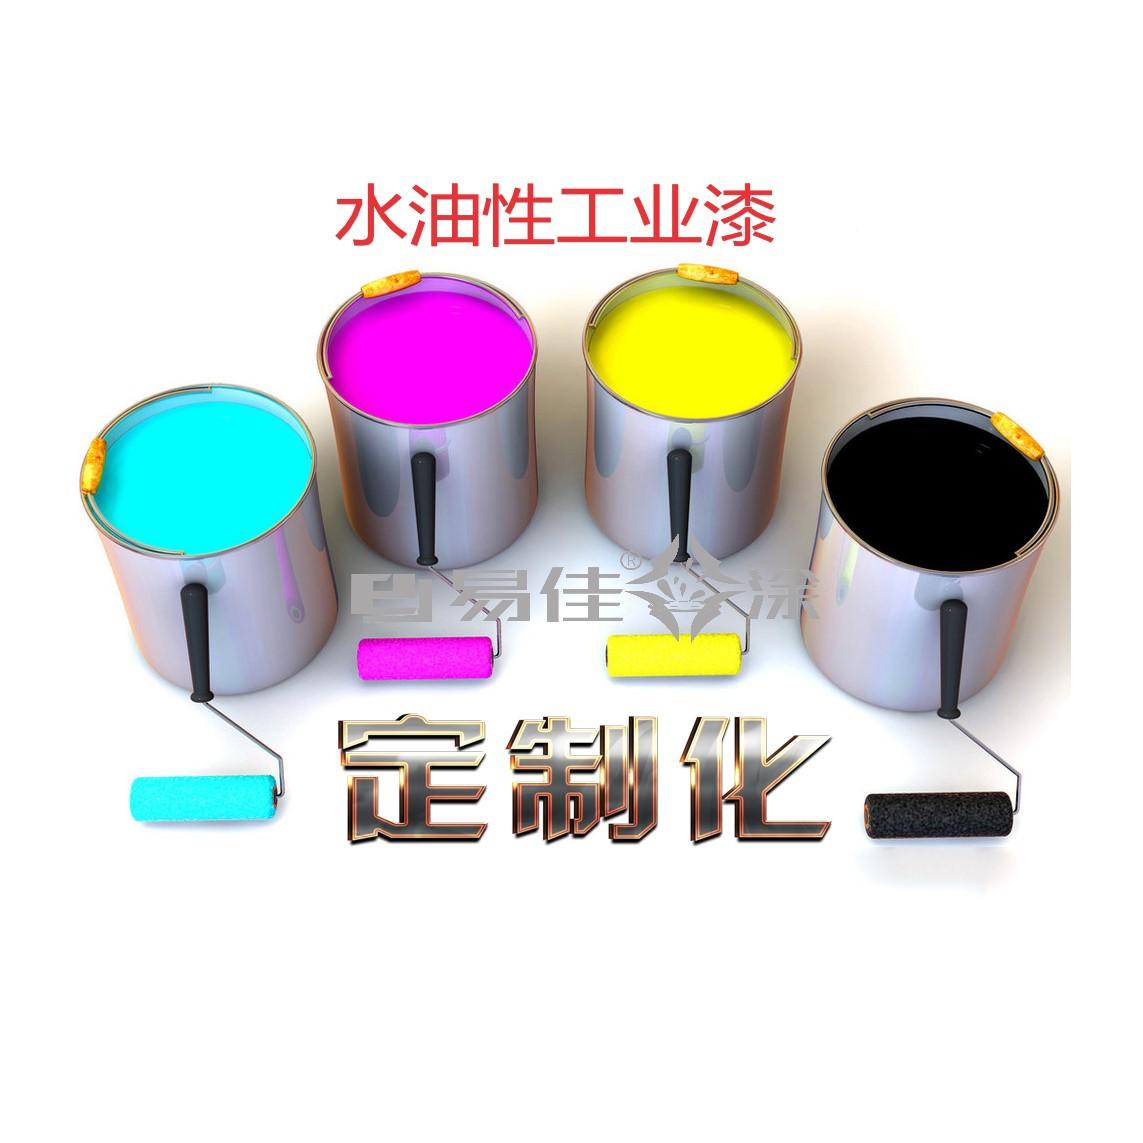 易佳涂各種工業漆鋼結構工業漆機械設備工業漆易佳涂